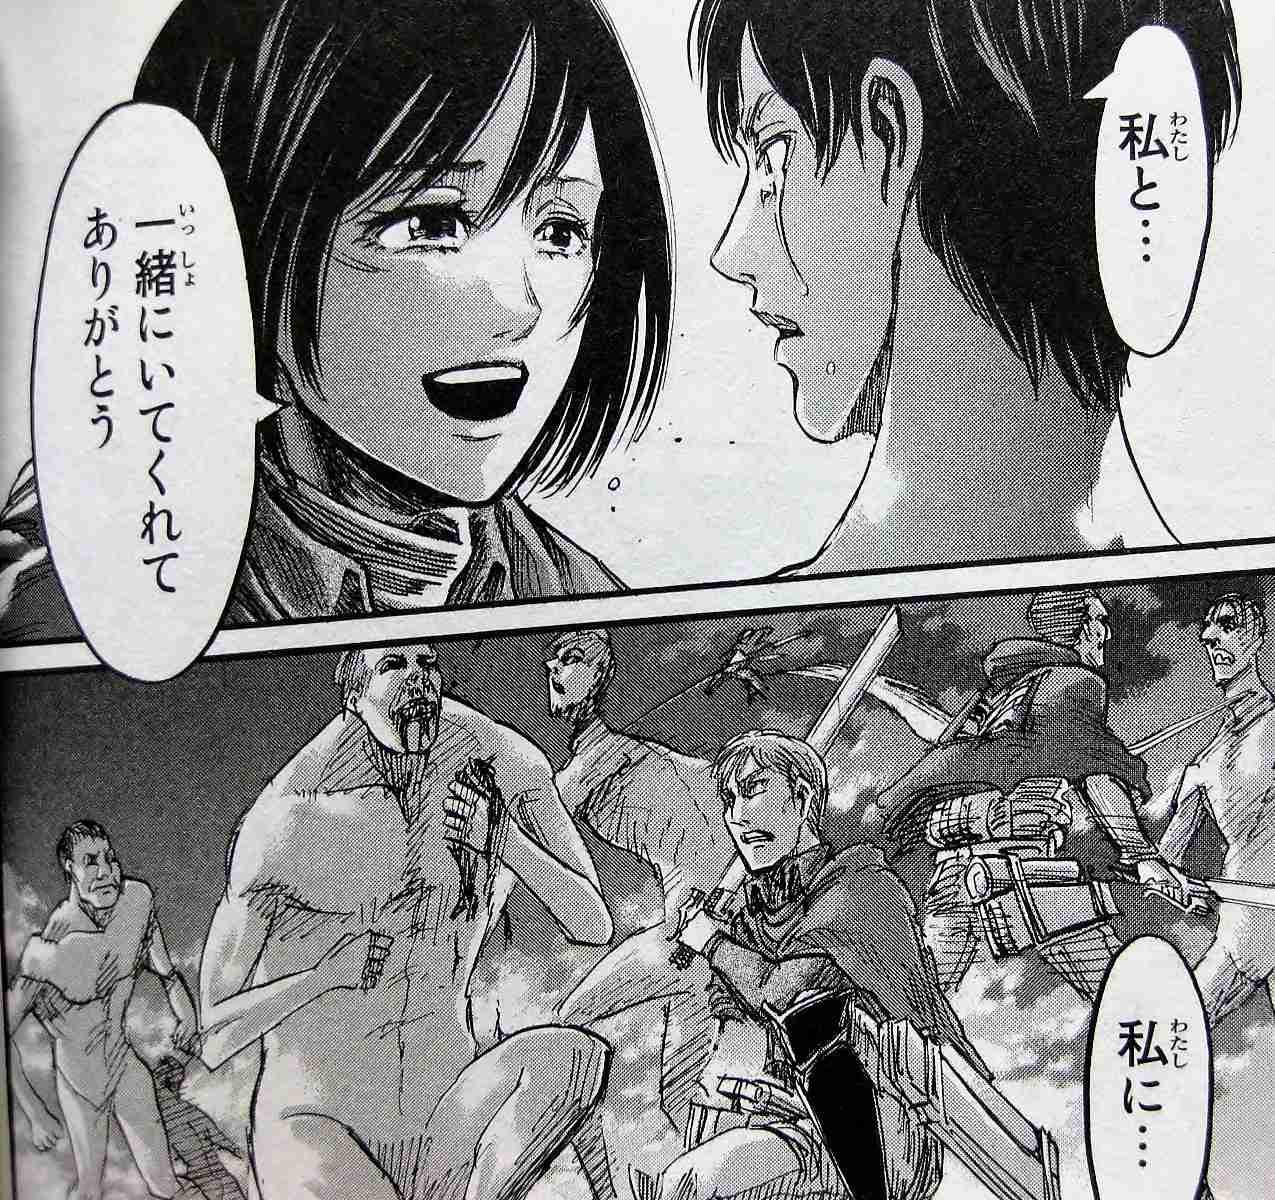 アニメ・漫画でグッときた演出について語るトピ